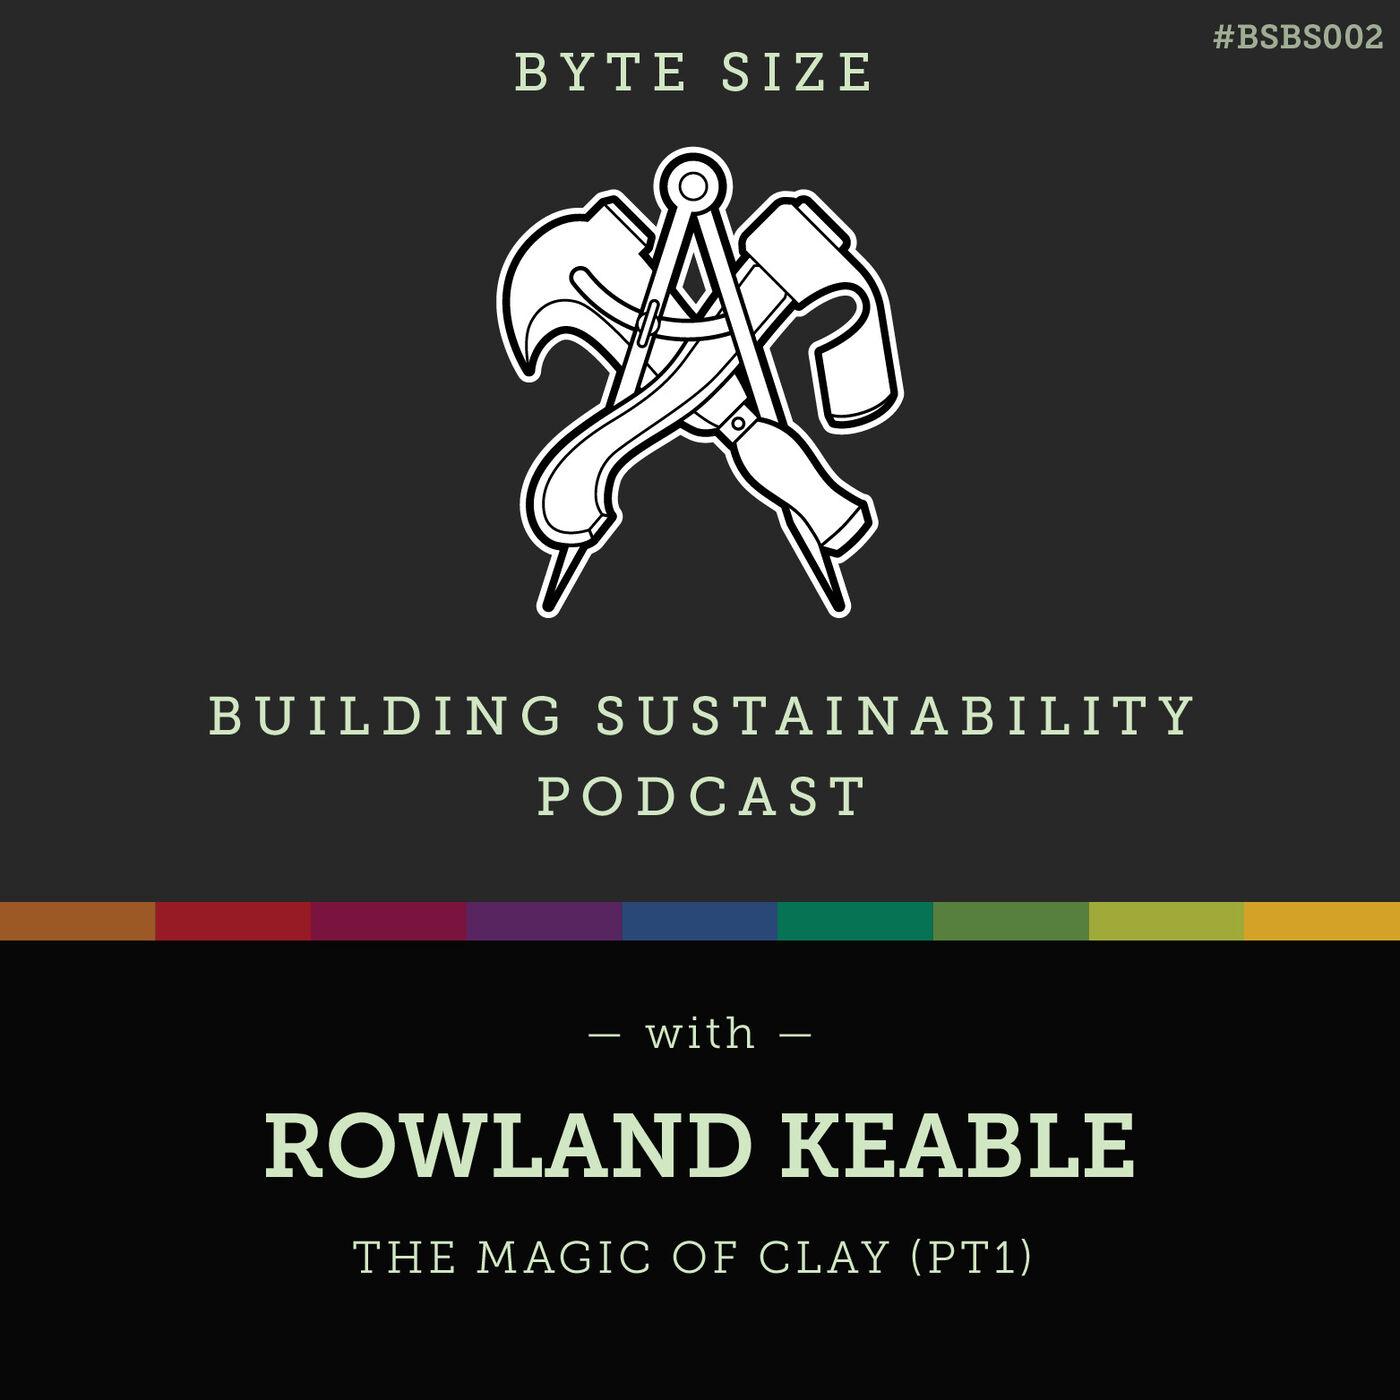 ByteSize - The magic of clay (Pt1) - Rowland Keable - BSBS002